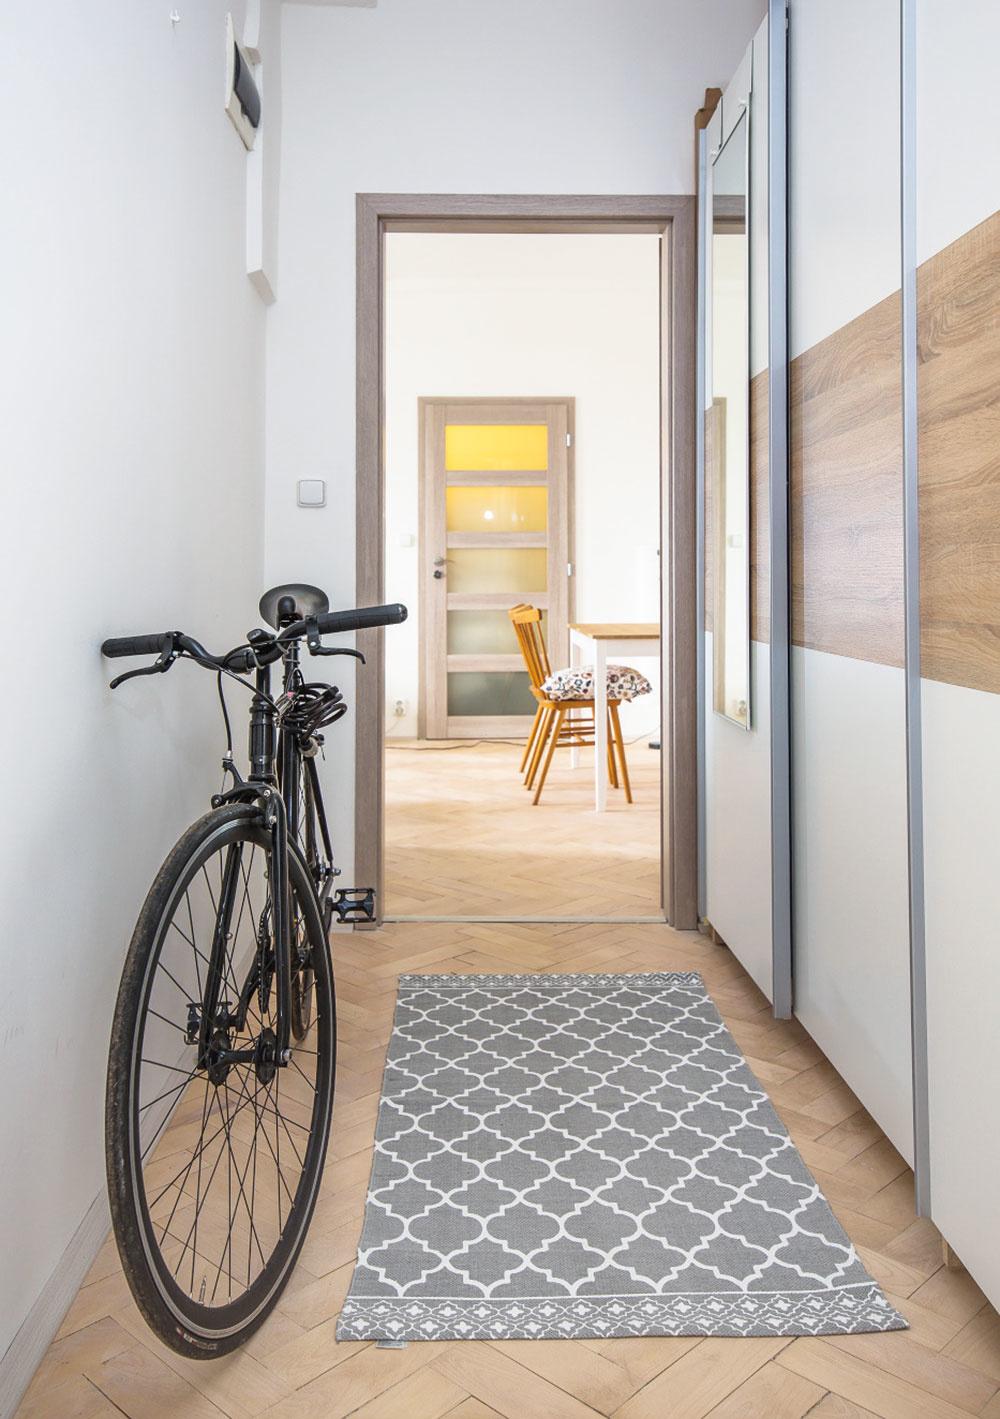 Trojizbový byt prešiel väčšou rekonštrukciou. Zachovali sa v ňom však viaceré pôvodné prvky, ako napríklad drevená parketová podlaha alebo ozdobné rohy izieb.